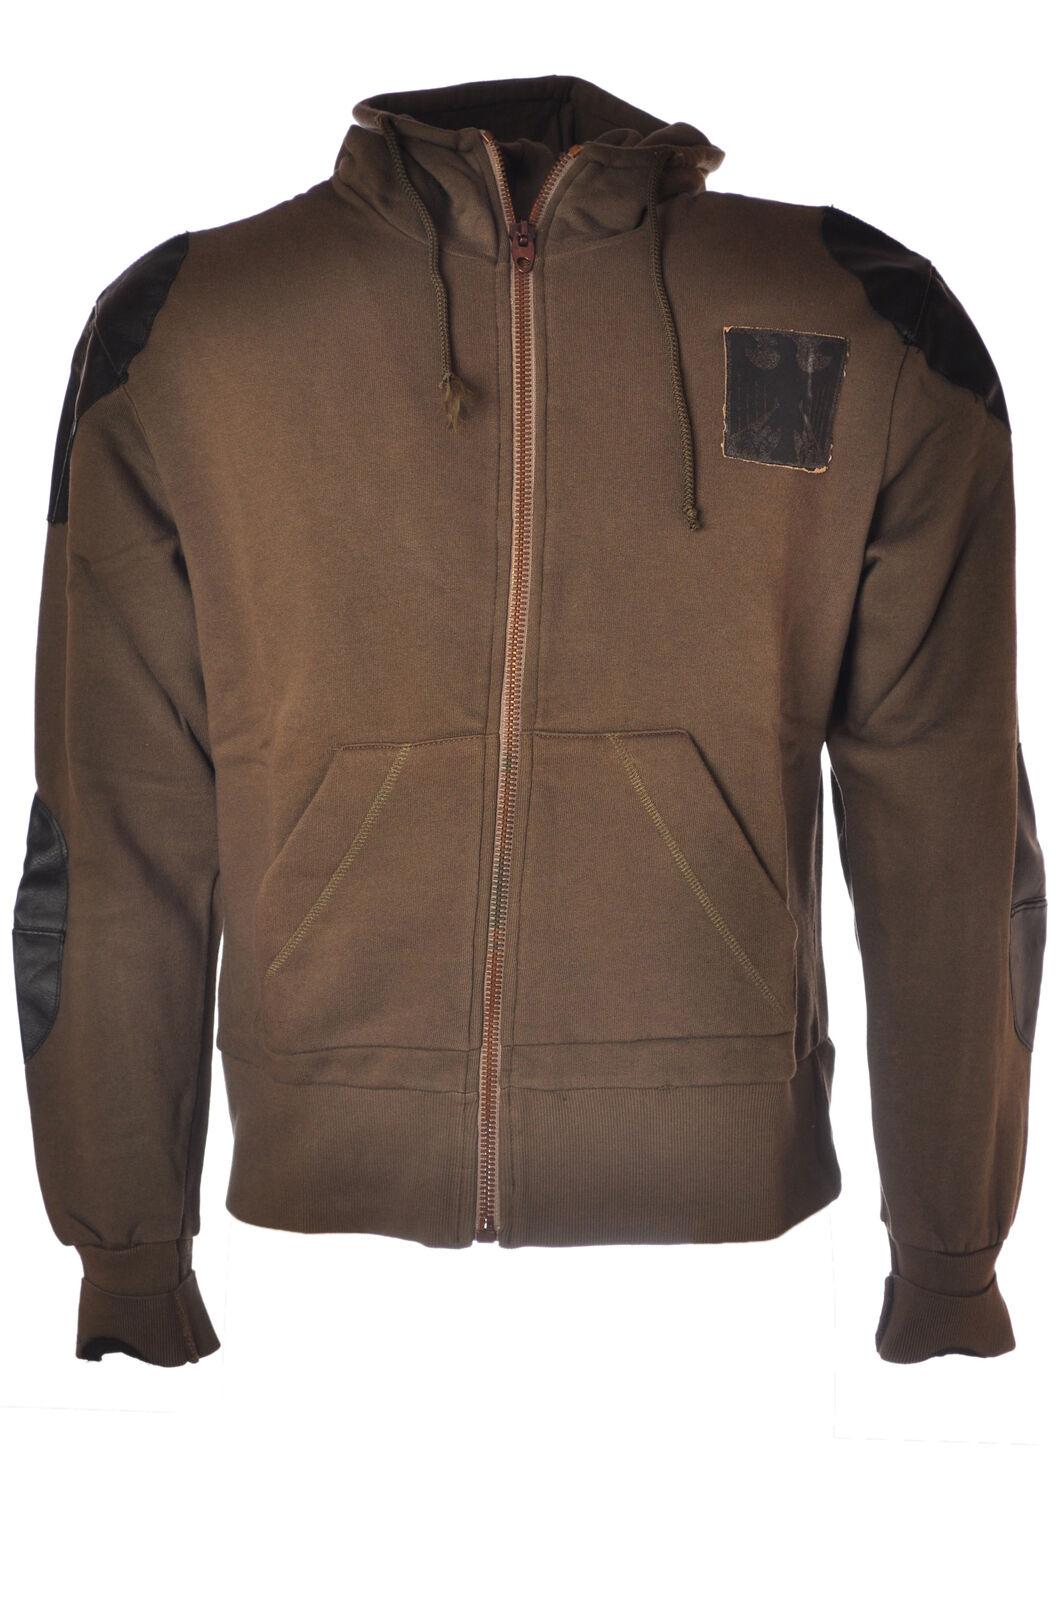 Forniture Civili - Topwear-Felpe - Uomo - verde - 4544926I184613